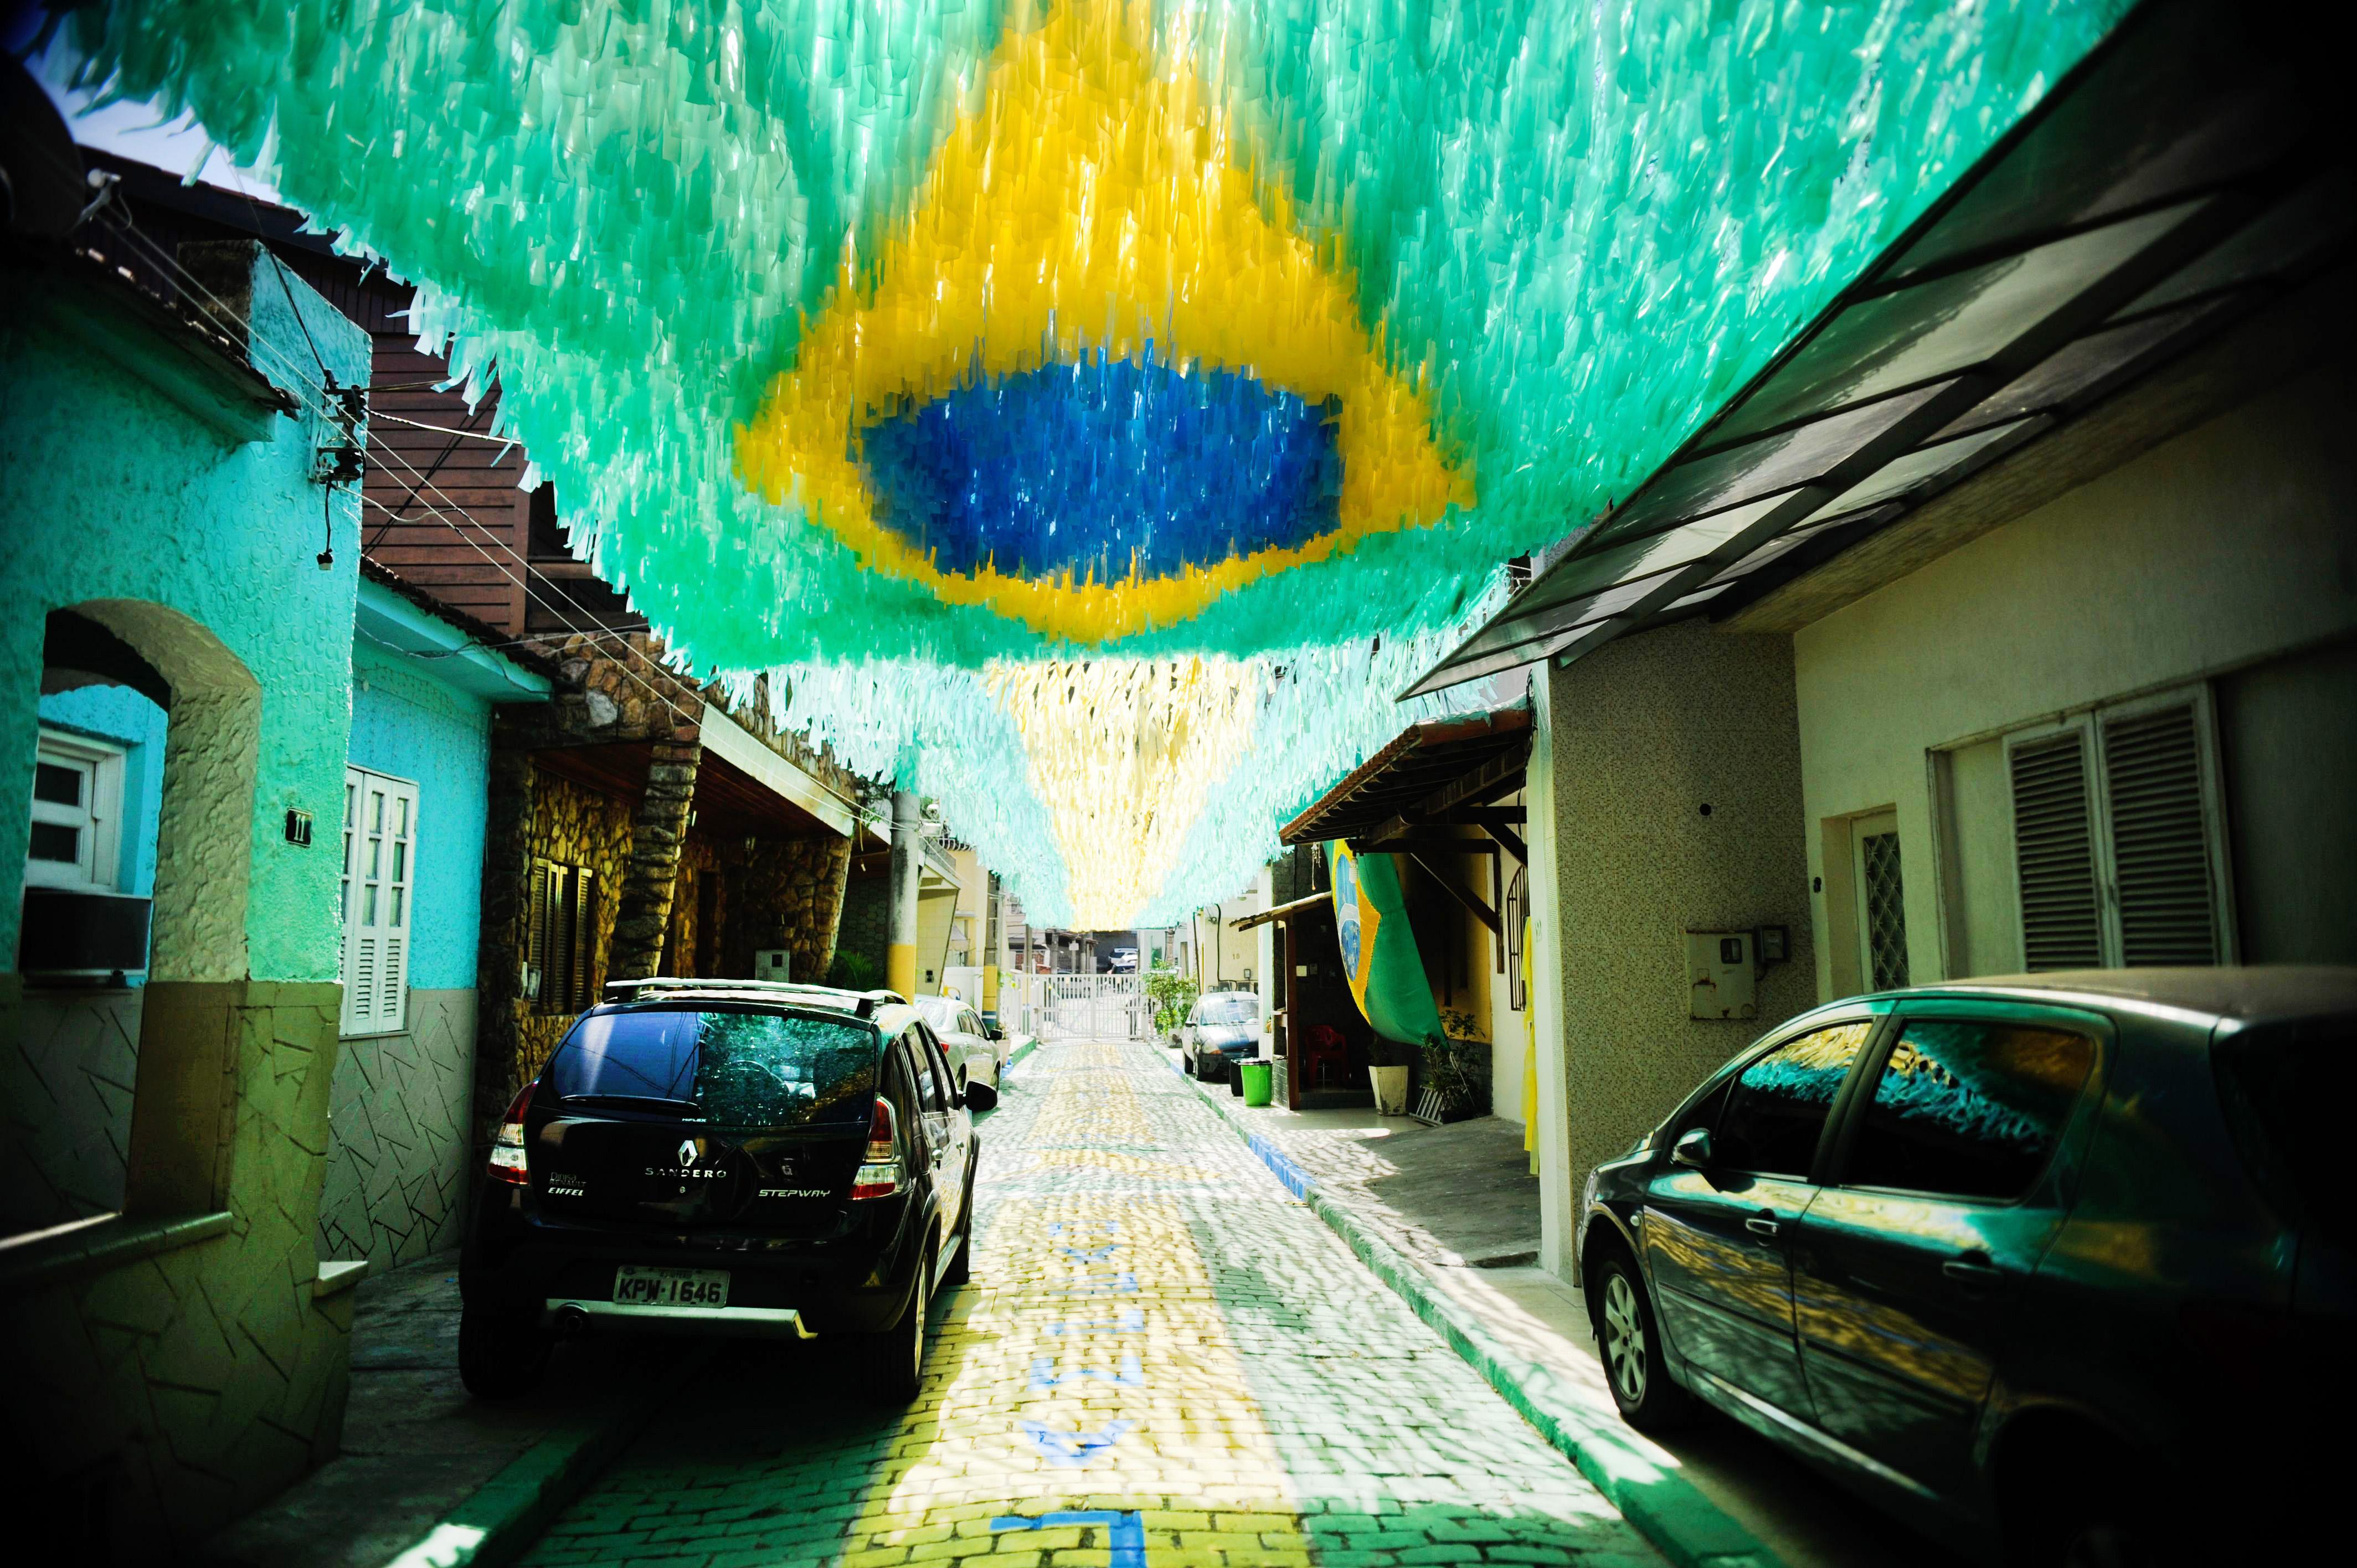 Rua-decorada-para-a-Copa-do-Mundo-de-2014-Rio-de-Janeiro-201405050002